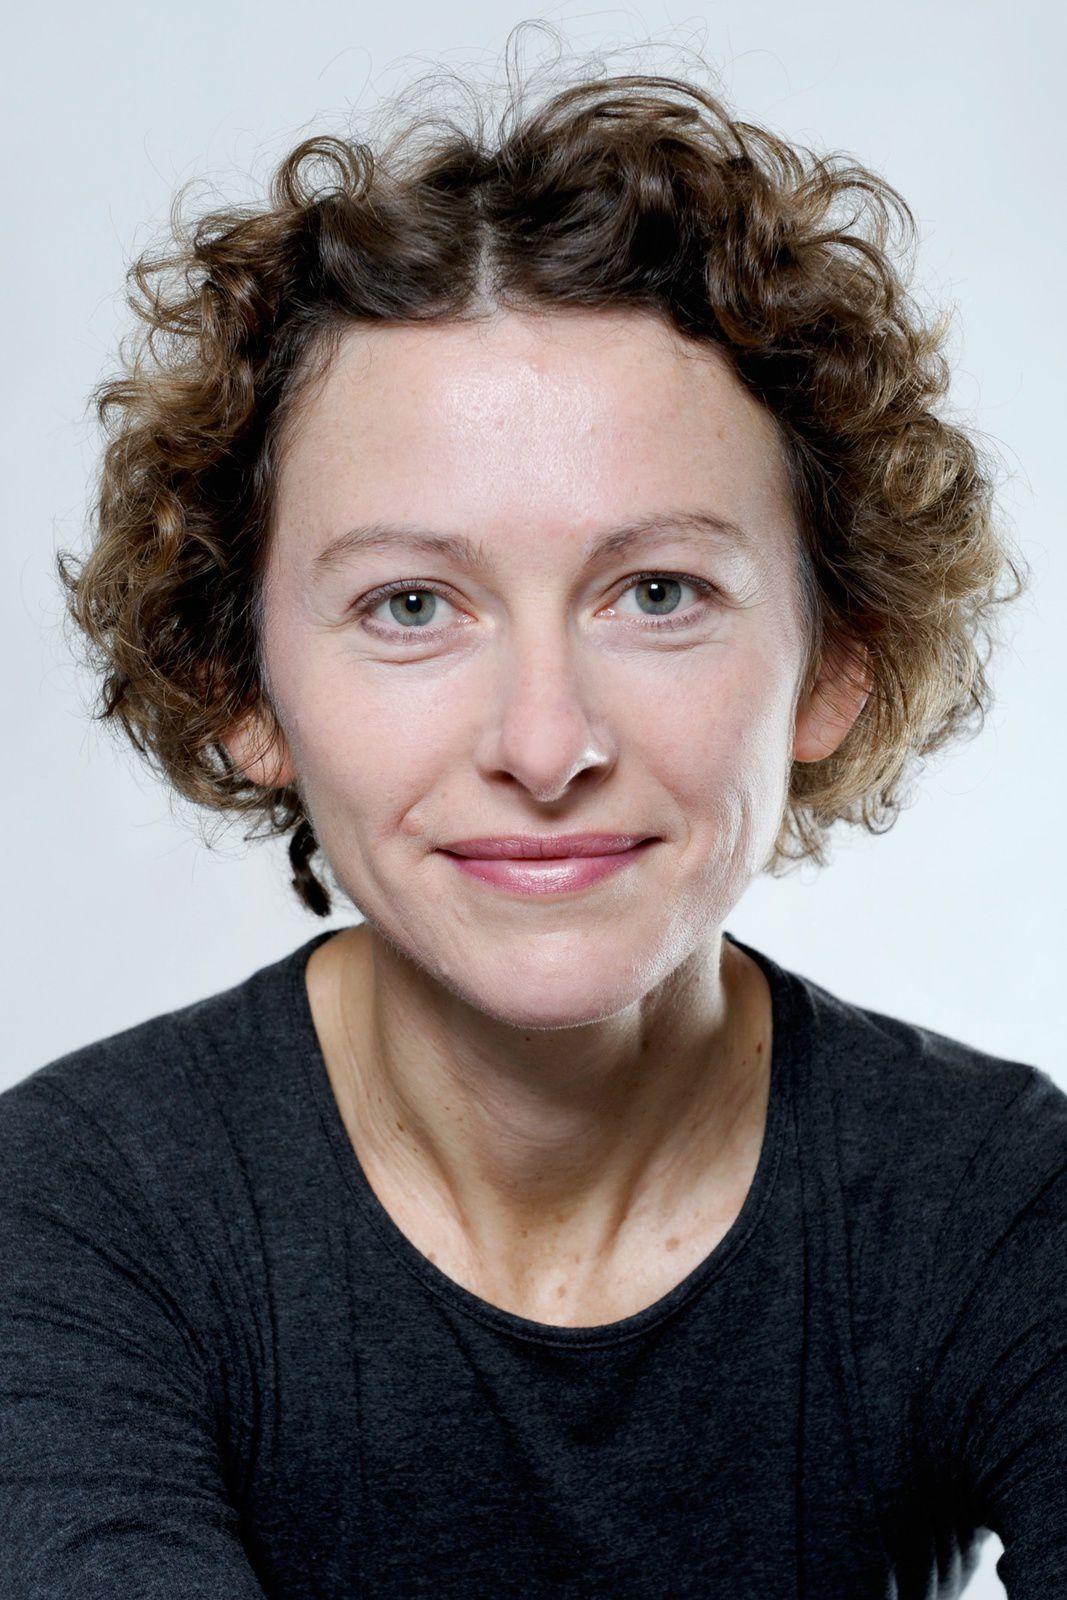 Vanda Benes, première voix des annonces du métro parisien en 2002